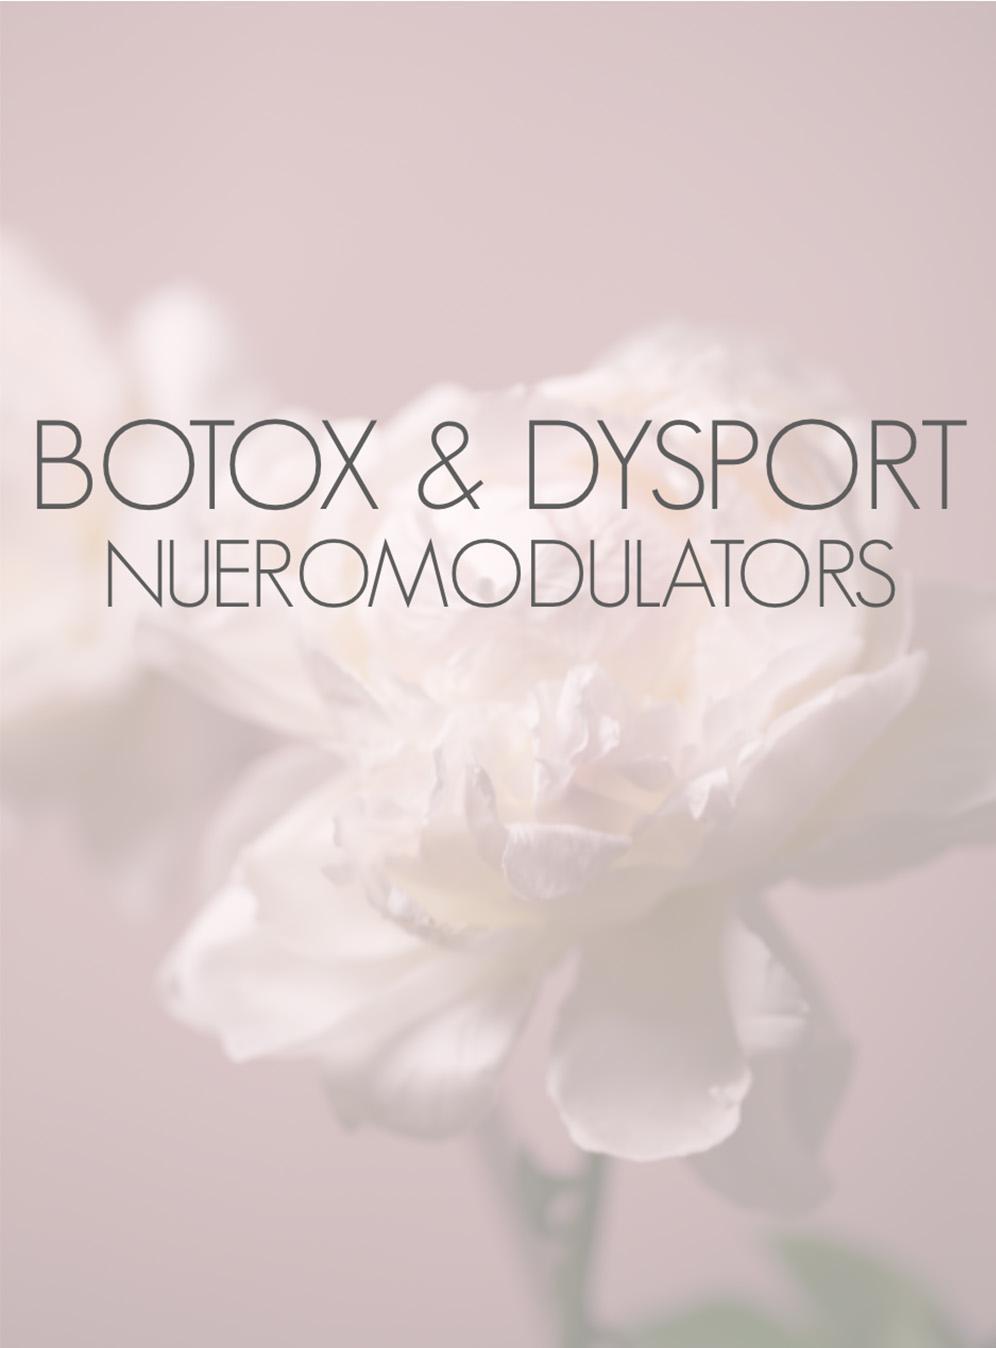 botoxbeforeafter